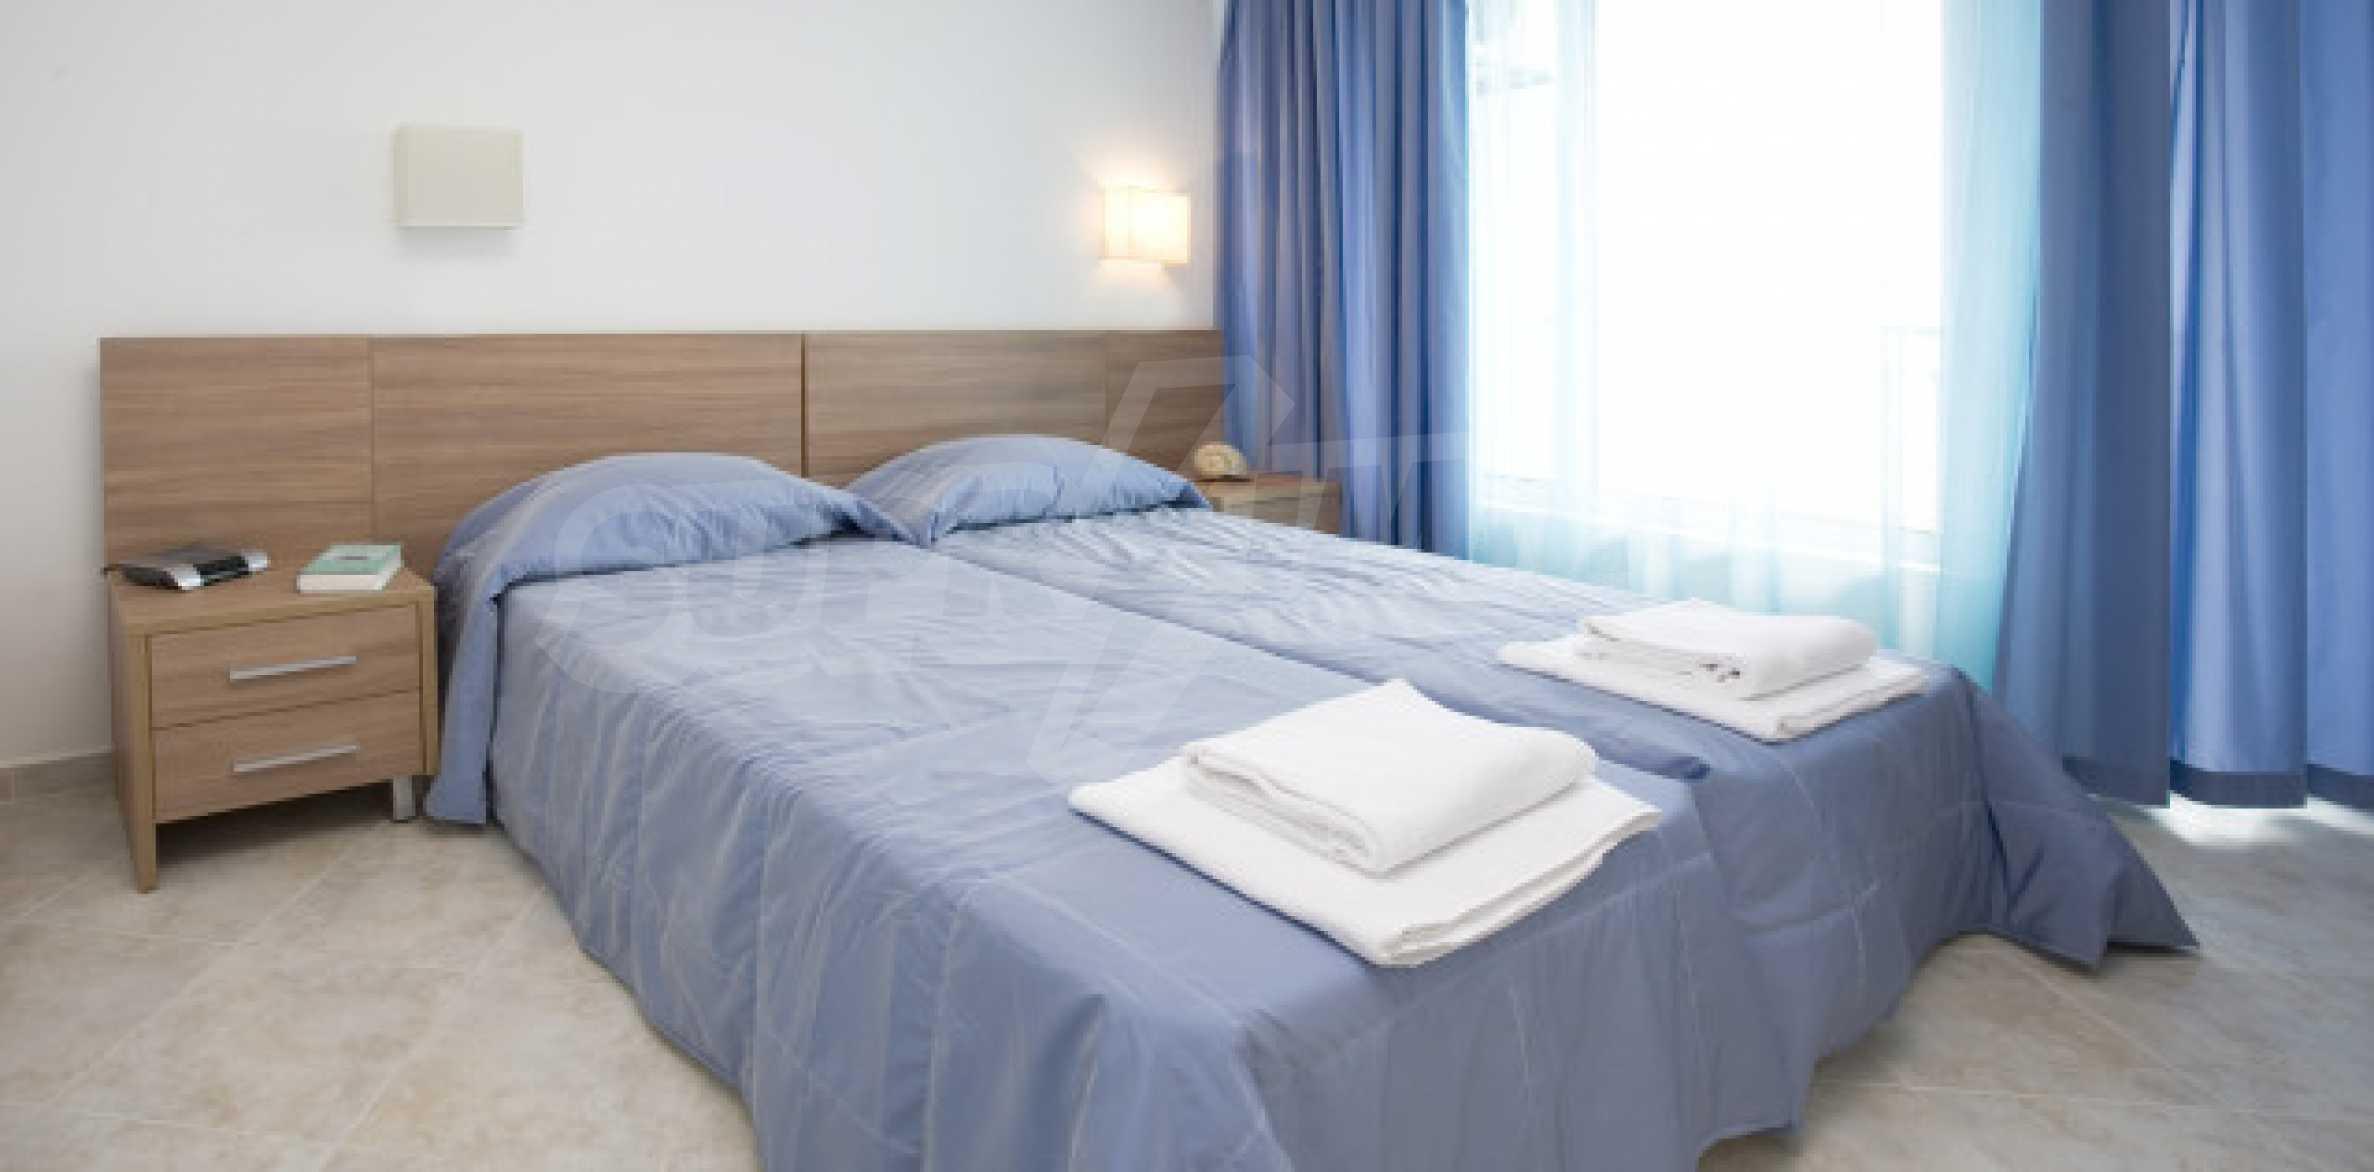 Sunset Kosharitsa - aпартаменти в атрактивен комплекс сред планината и морето, на 5 минути с кола от Слънчев бряг 56